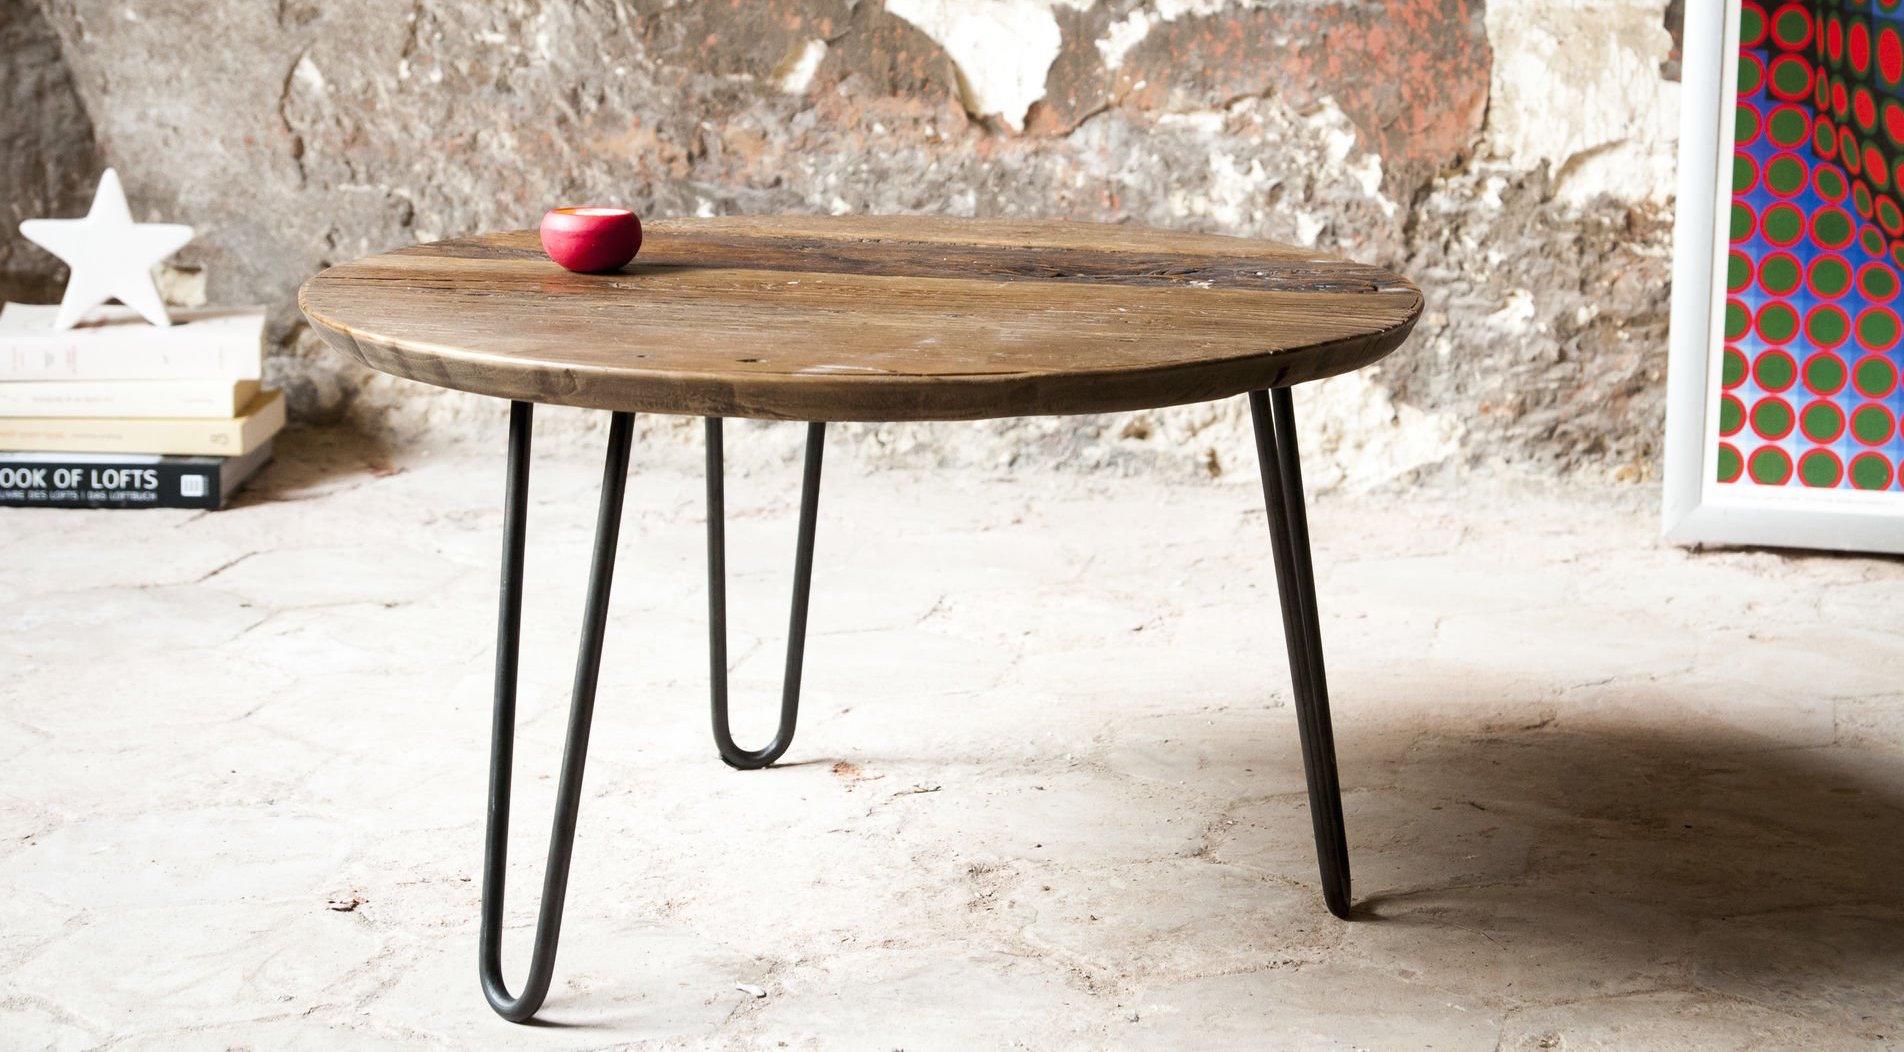 comment choisir la table basse de votre salon cocon de. Black Bedroom Furniture Sets. Home Design Ideas